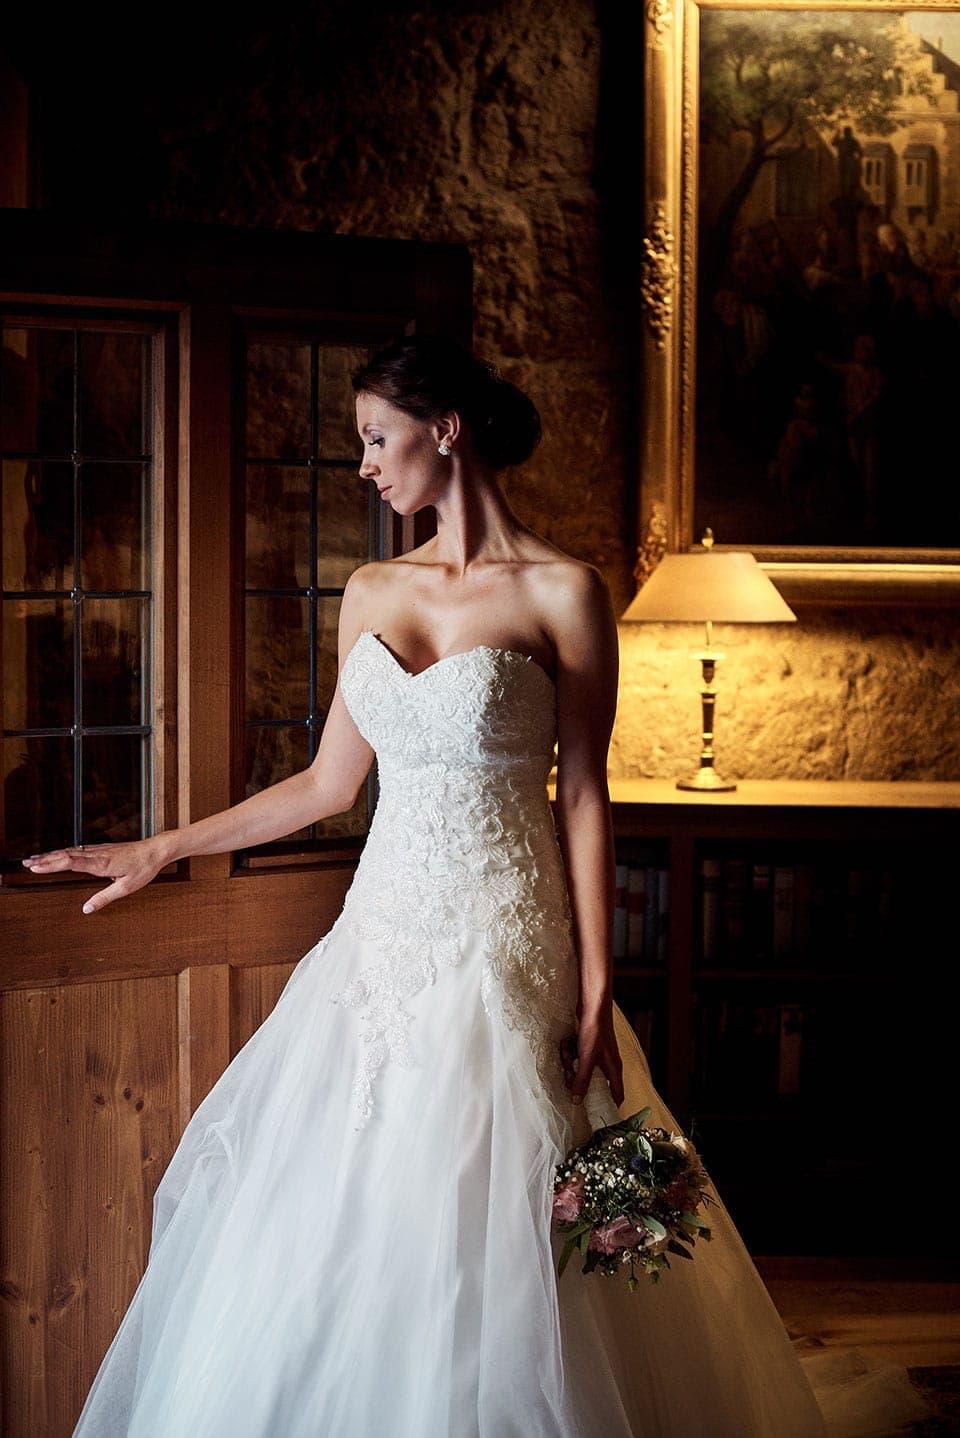 Fotograf Fürth - internationale Hochzeitsfotografie, Hochzeitsreportagen